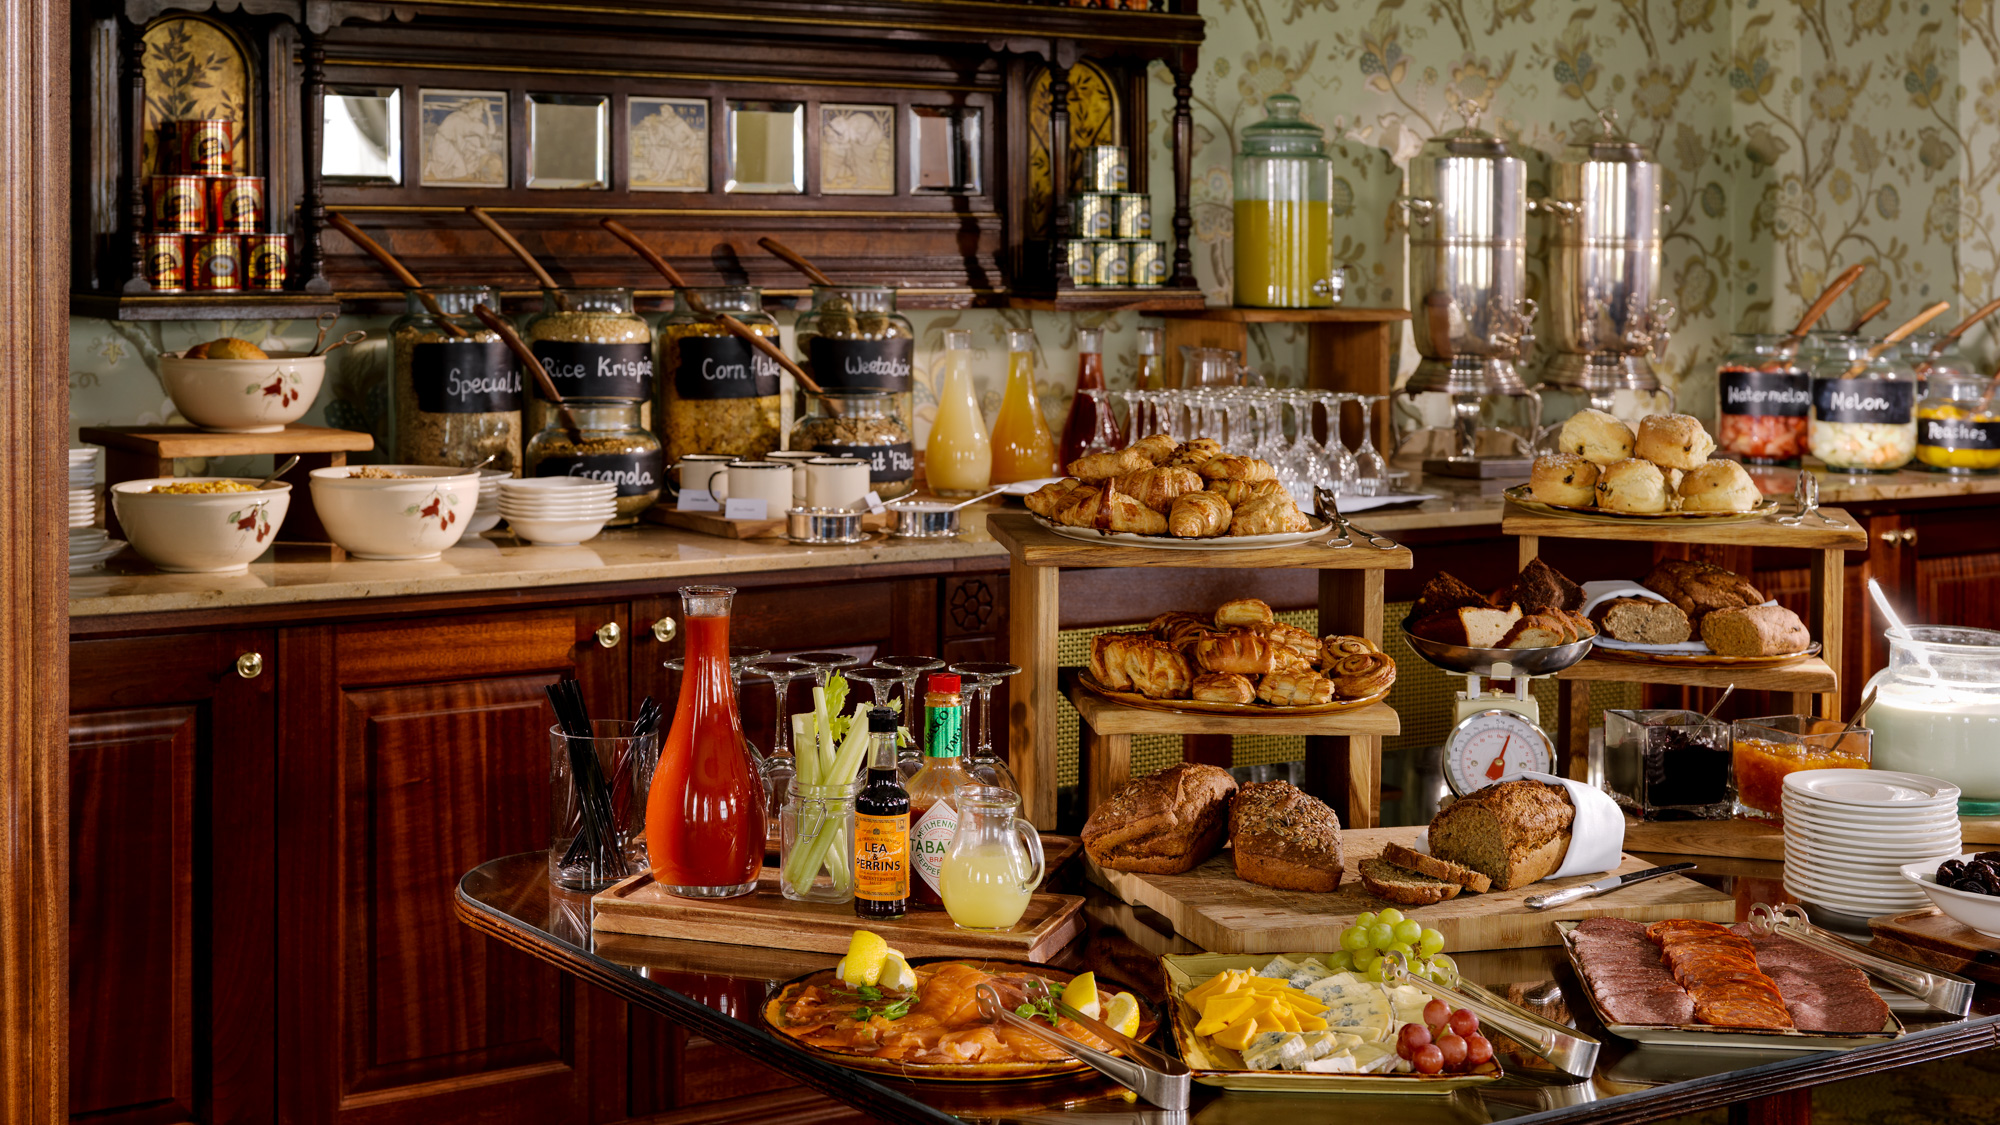 Breakfast Buffet FL PT Glenlo Abbey 2000px.jpg